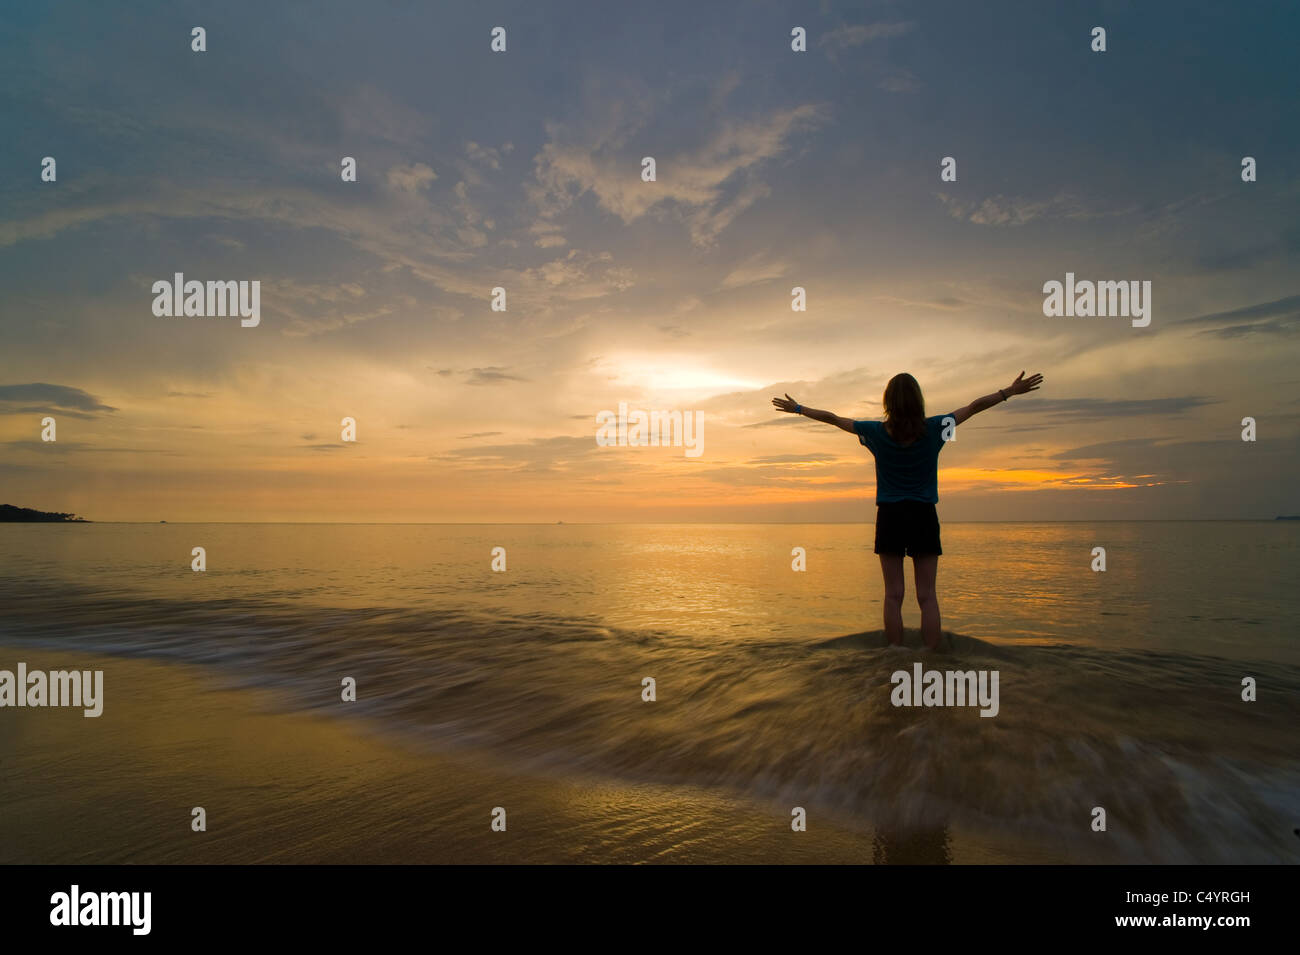 Une jeune femme de la plage, debout dans la mer au coucher du soleil avec ses mains en l'air, la célébration Photo Stock